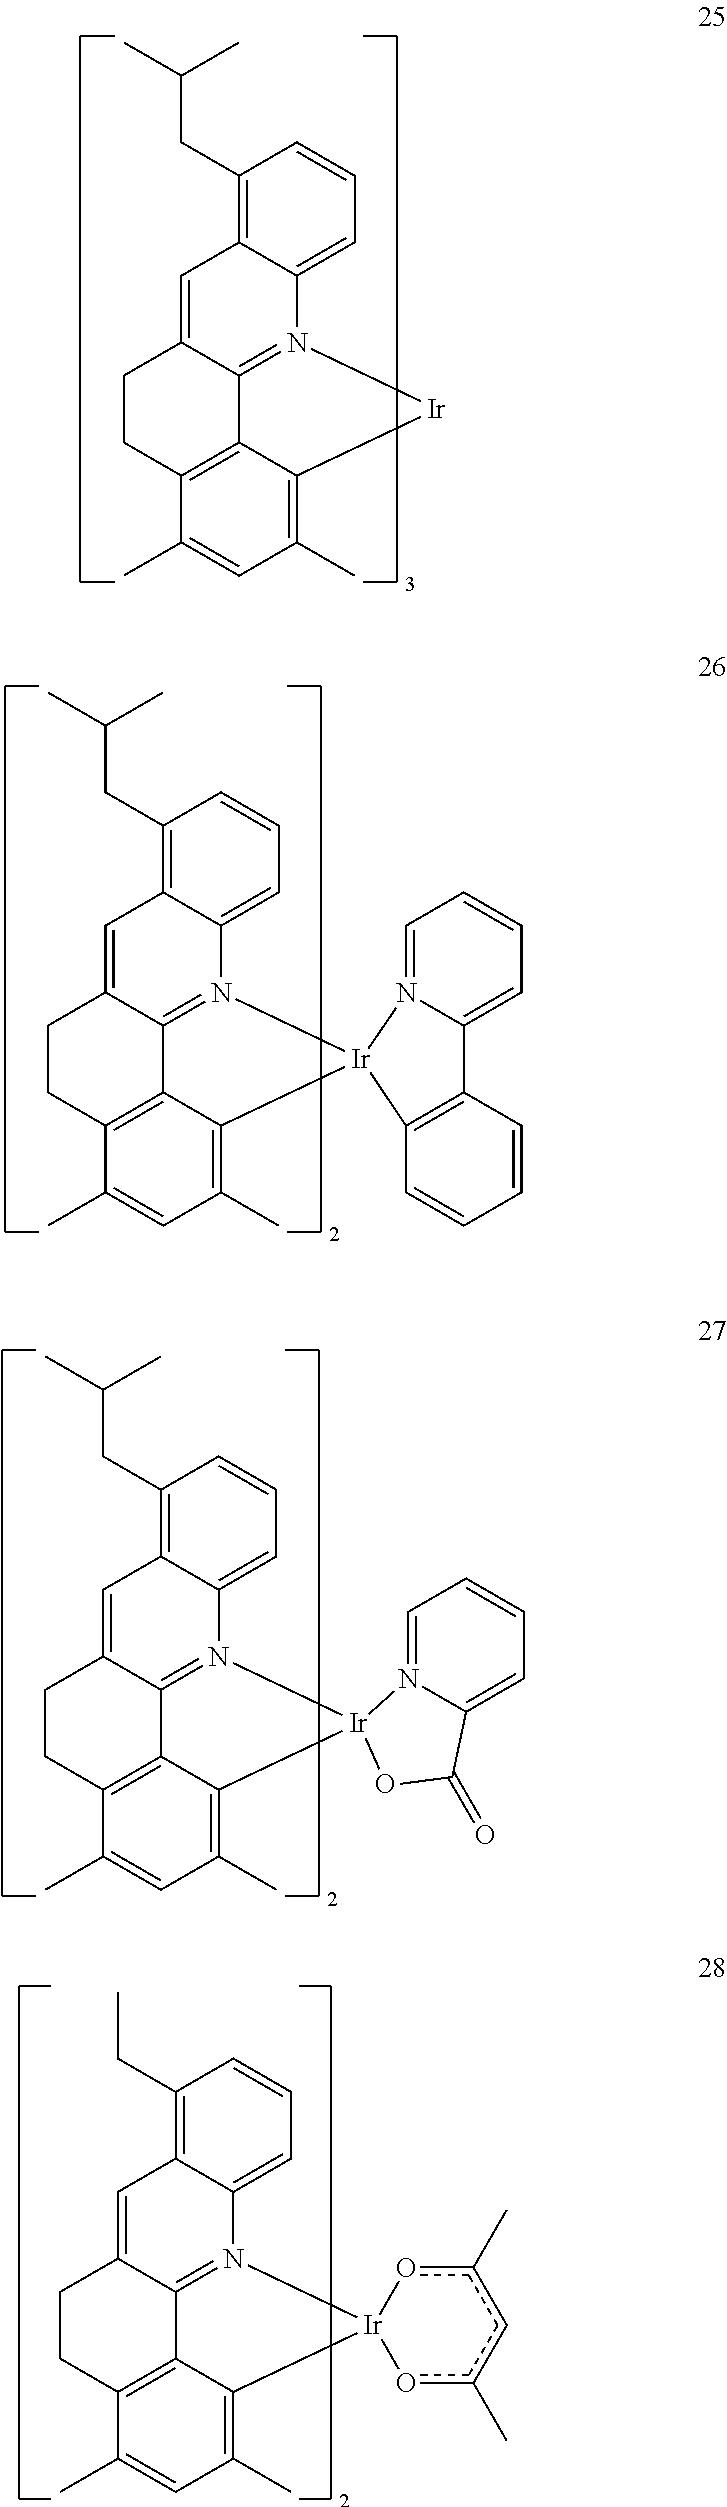 Figure US20130032785A1-20130207-C00033